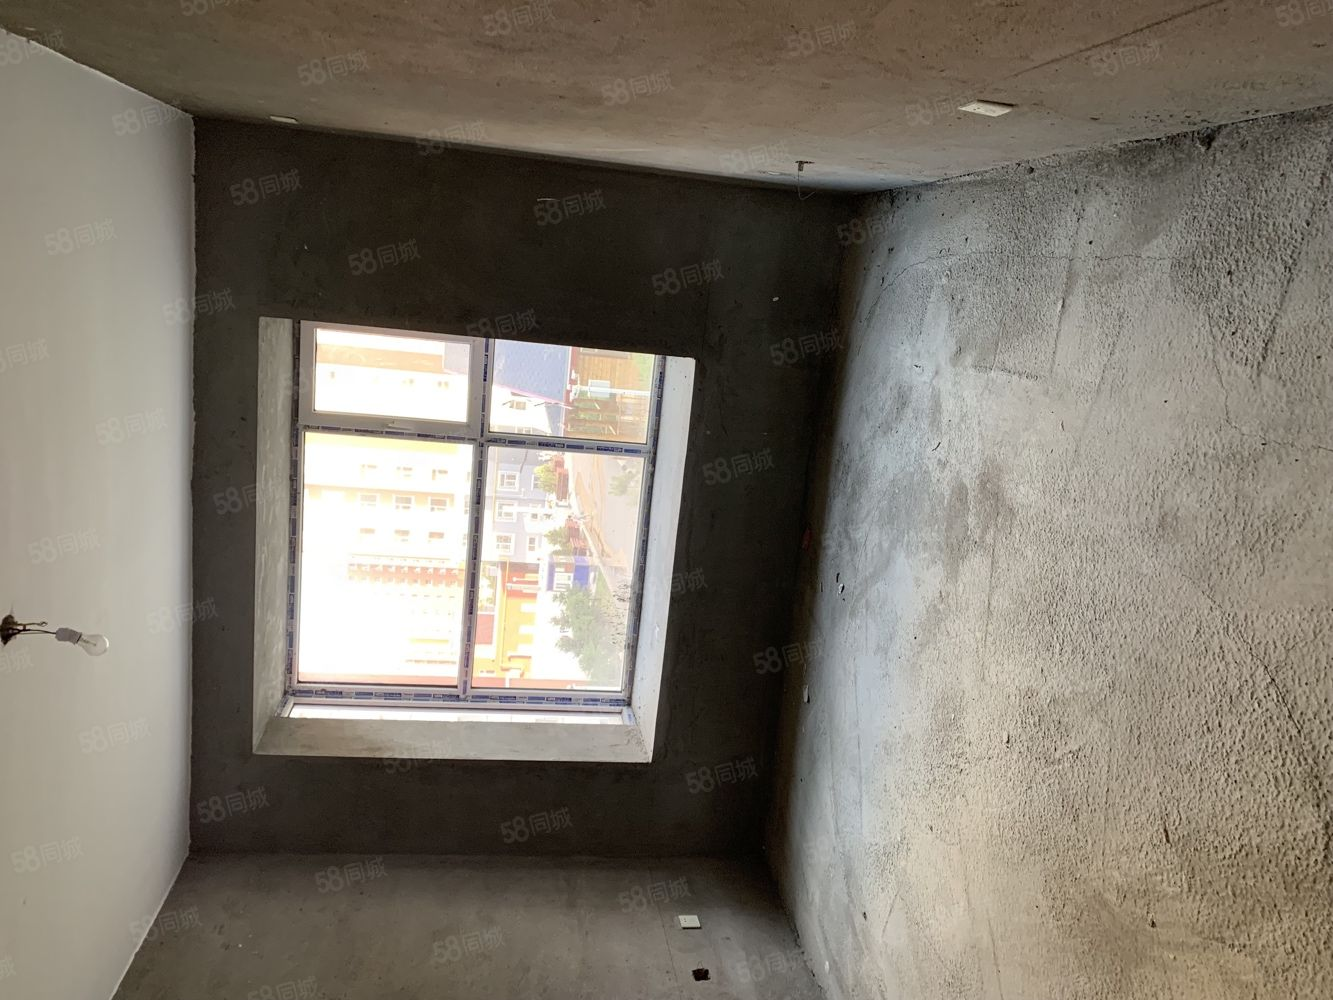 府西苑小区四楼120平米有房本地下室已装修南北通透